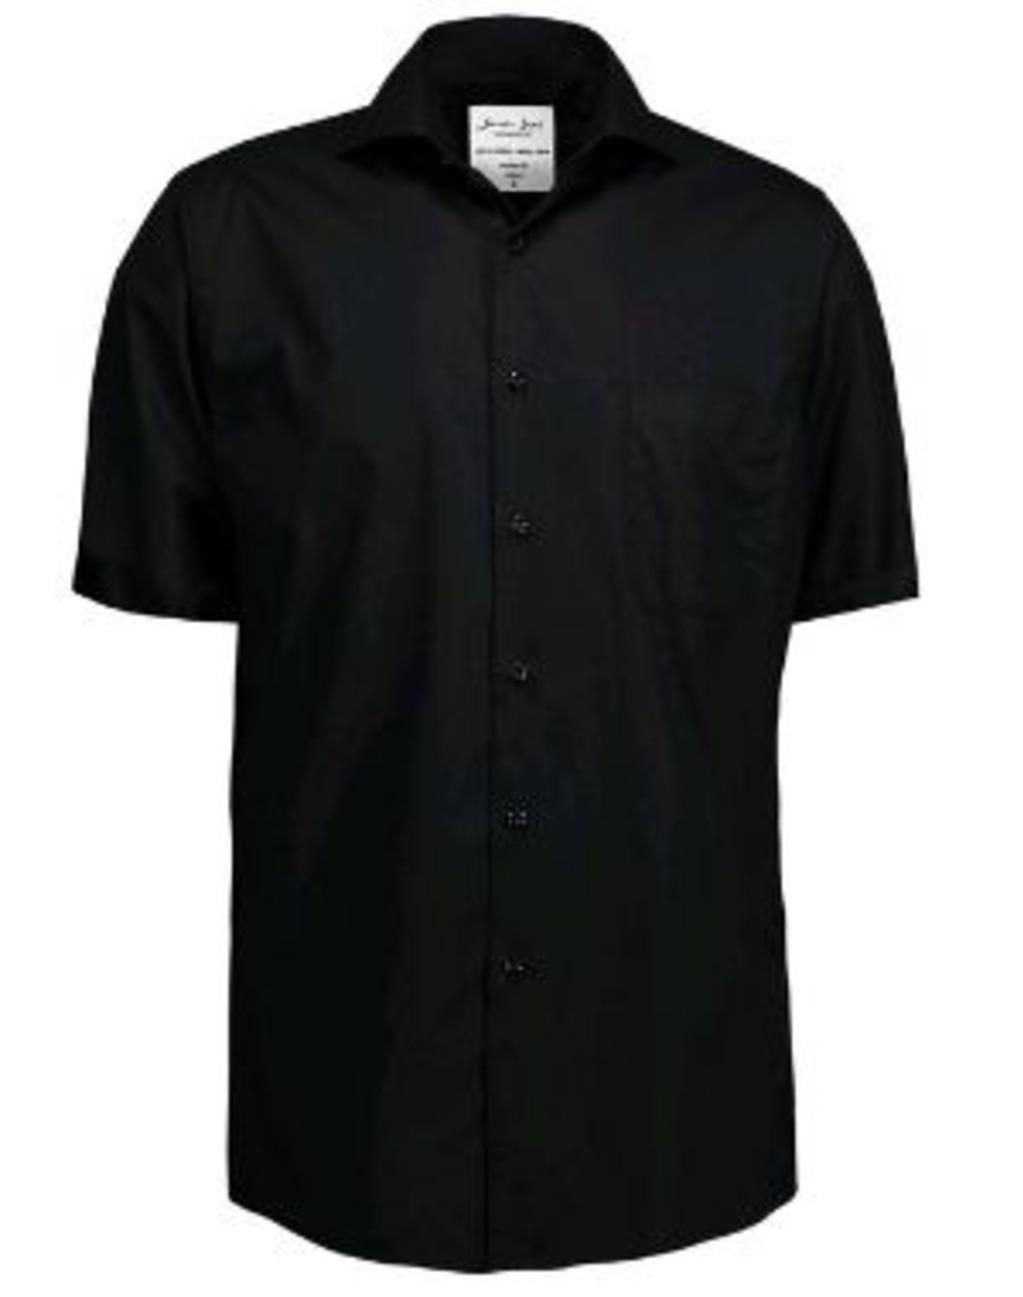 SS410 Overhemd